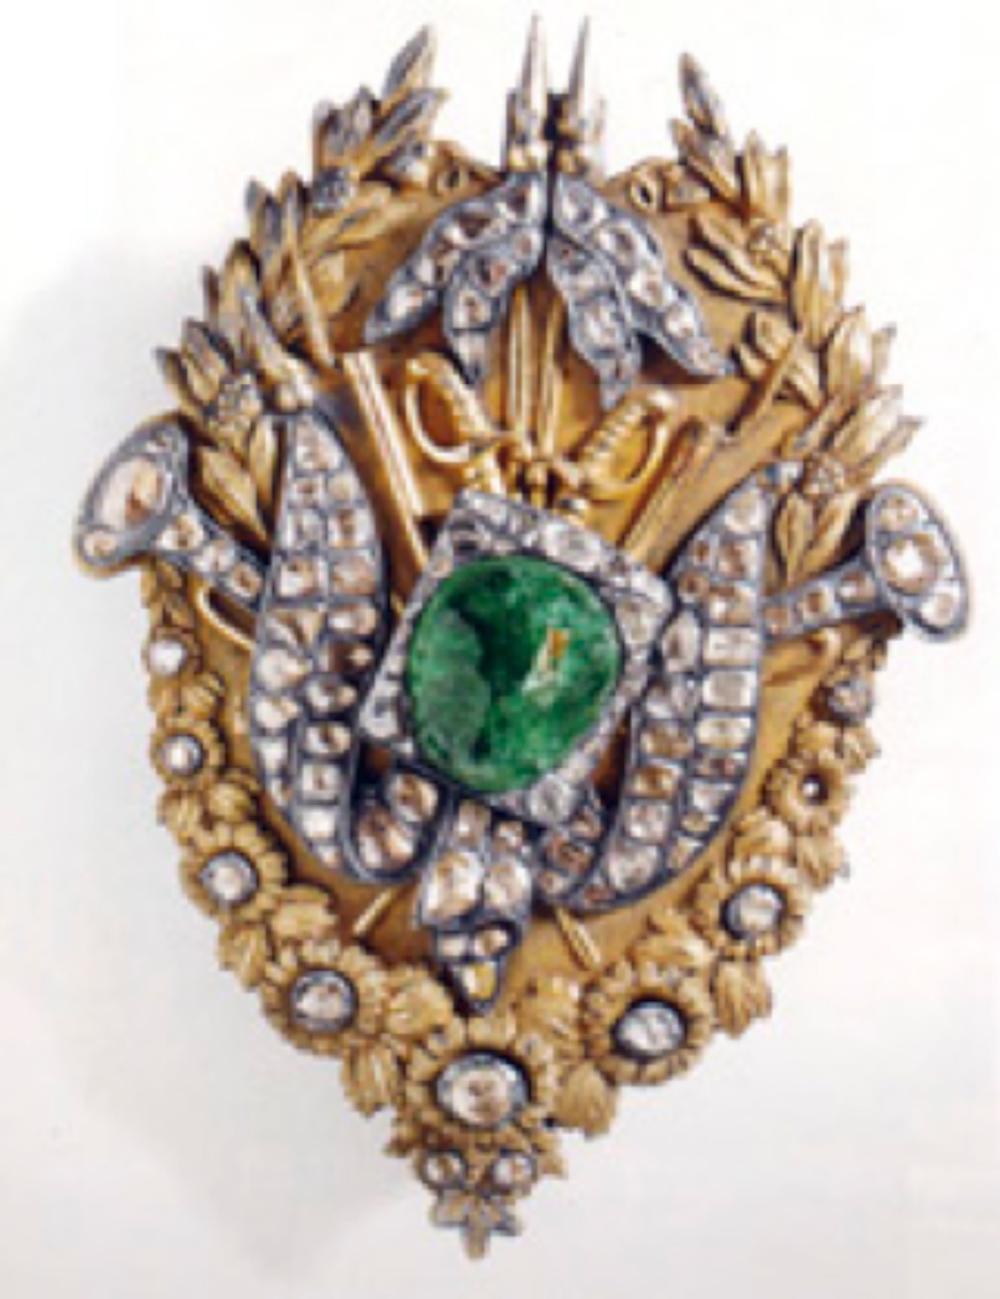 At Sorgucu Yuvaları, Osmanlı, geç 18.-erken 19.yüzyıl, altın yaldızlı gümüş, elmas, zümrüt; 16x12 cm (T.S.M. 2/3932, 34)